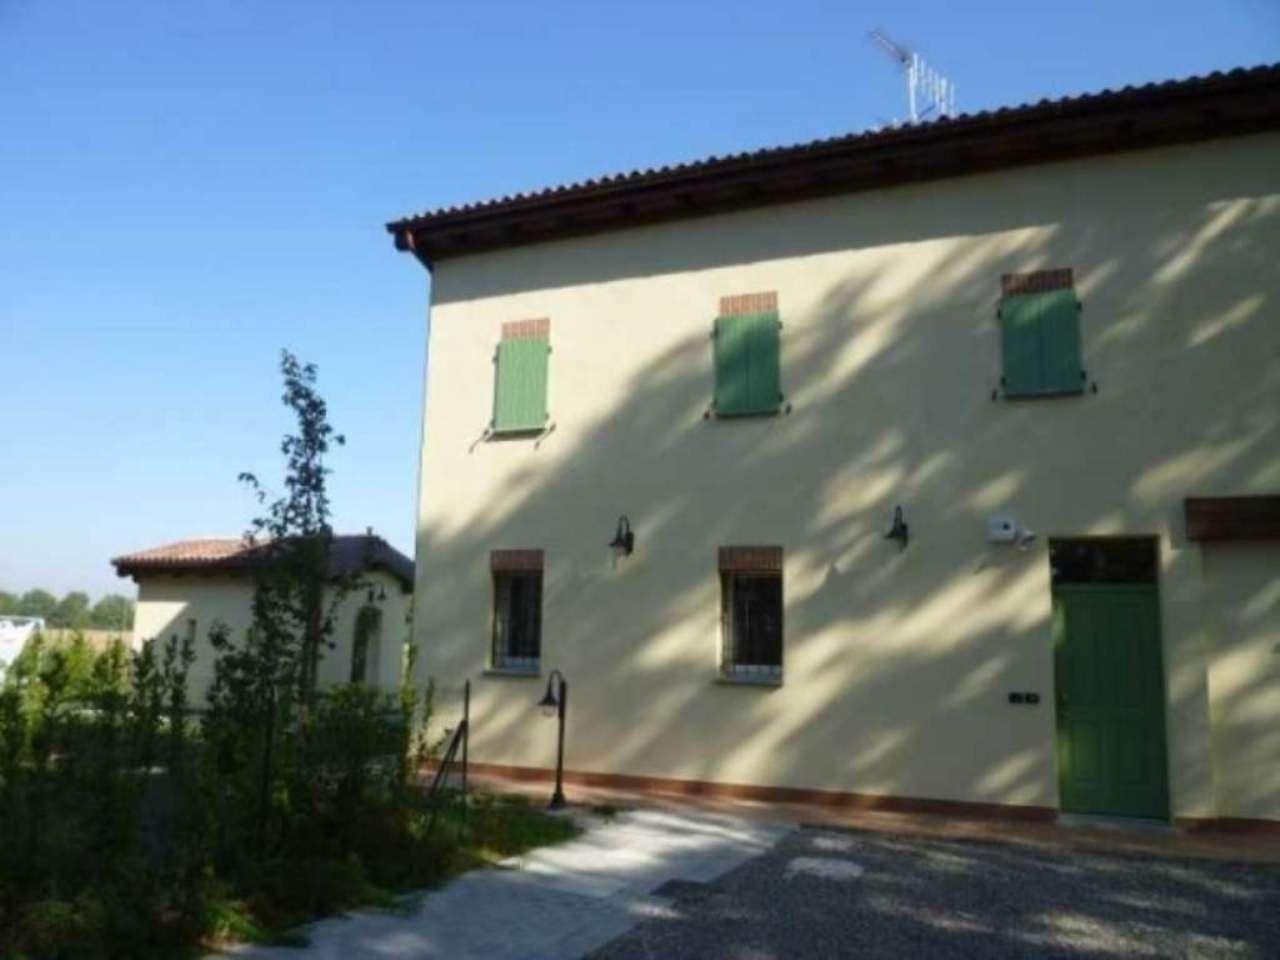 Villa in vendita a Bologna, 6 locali, zona Zona: 4 . San Vitale, prezzo € 690.000 | Cambio Casa.it